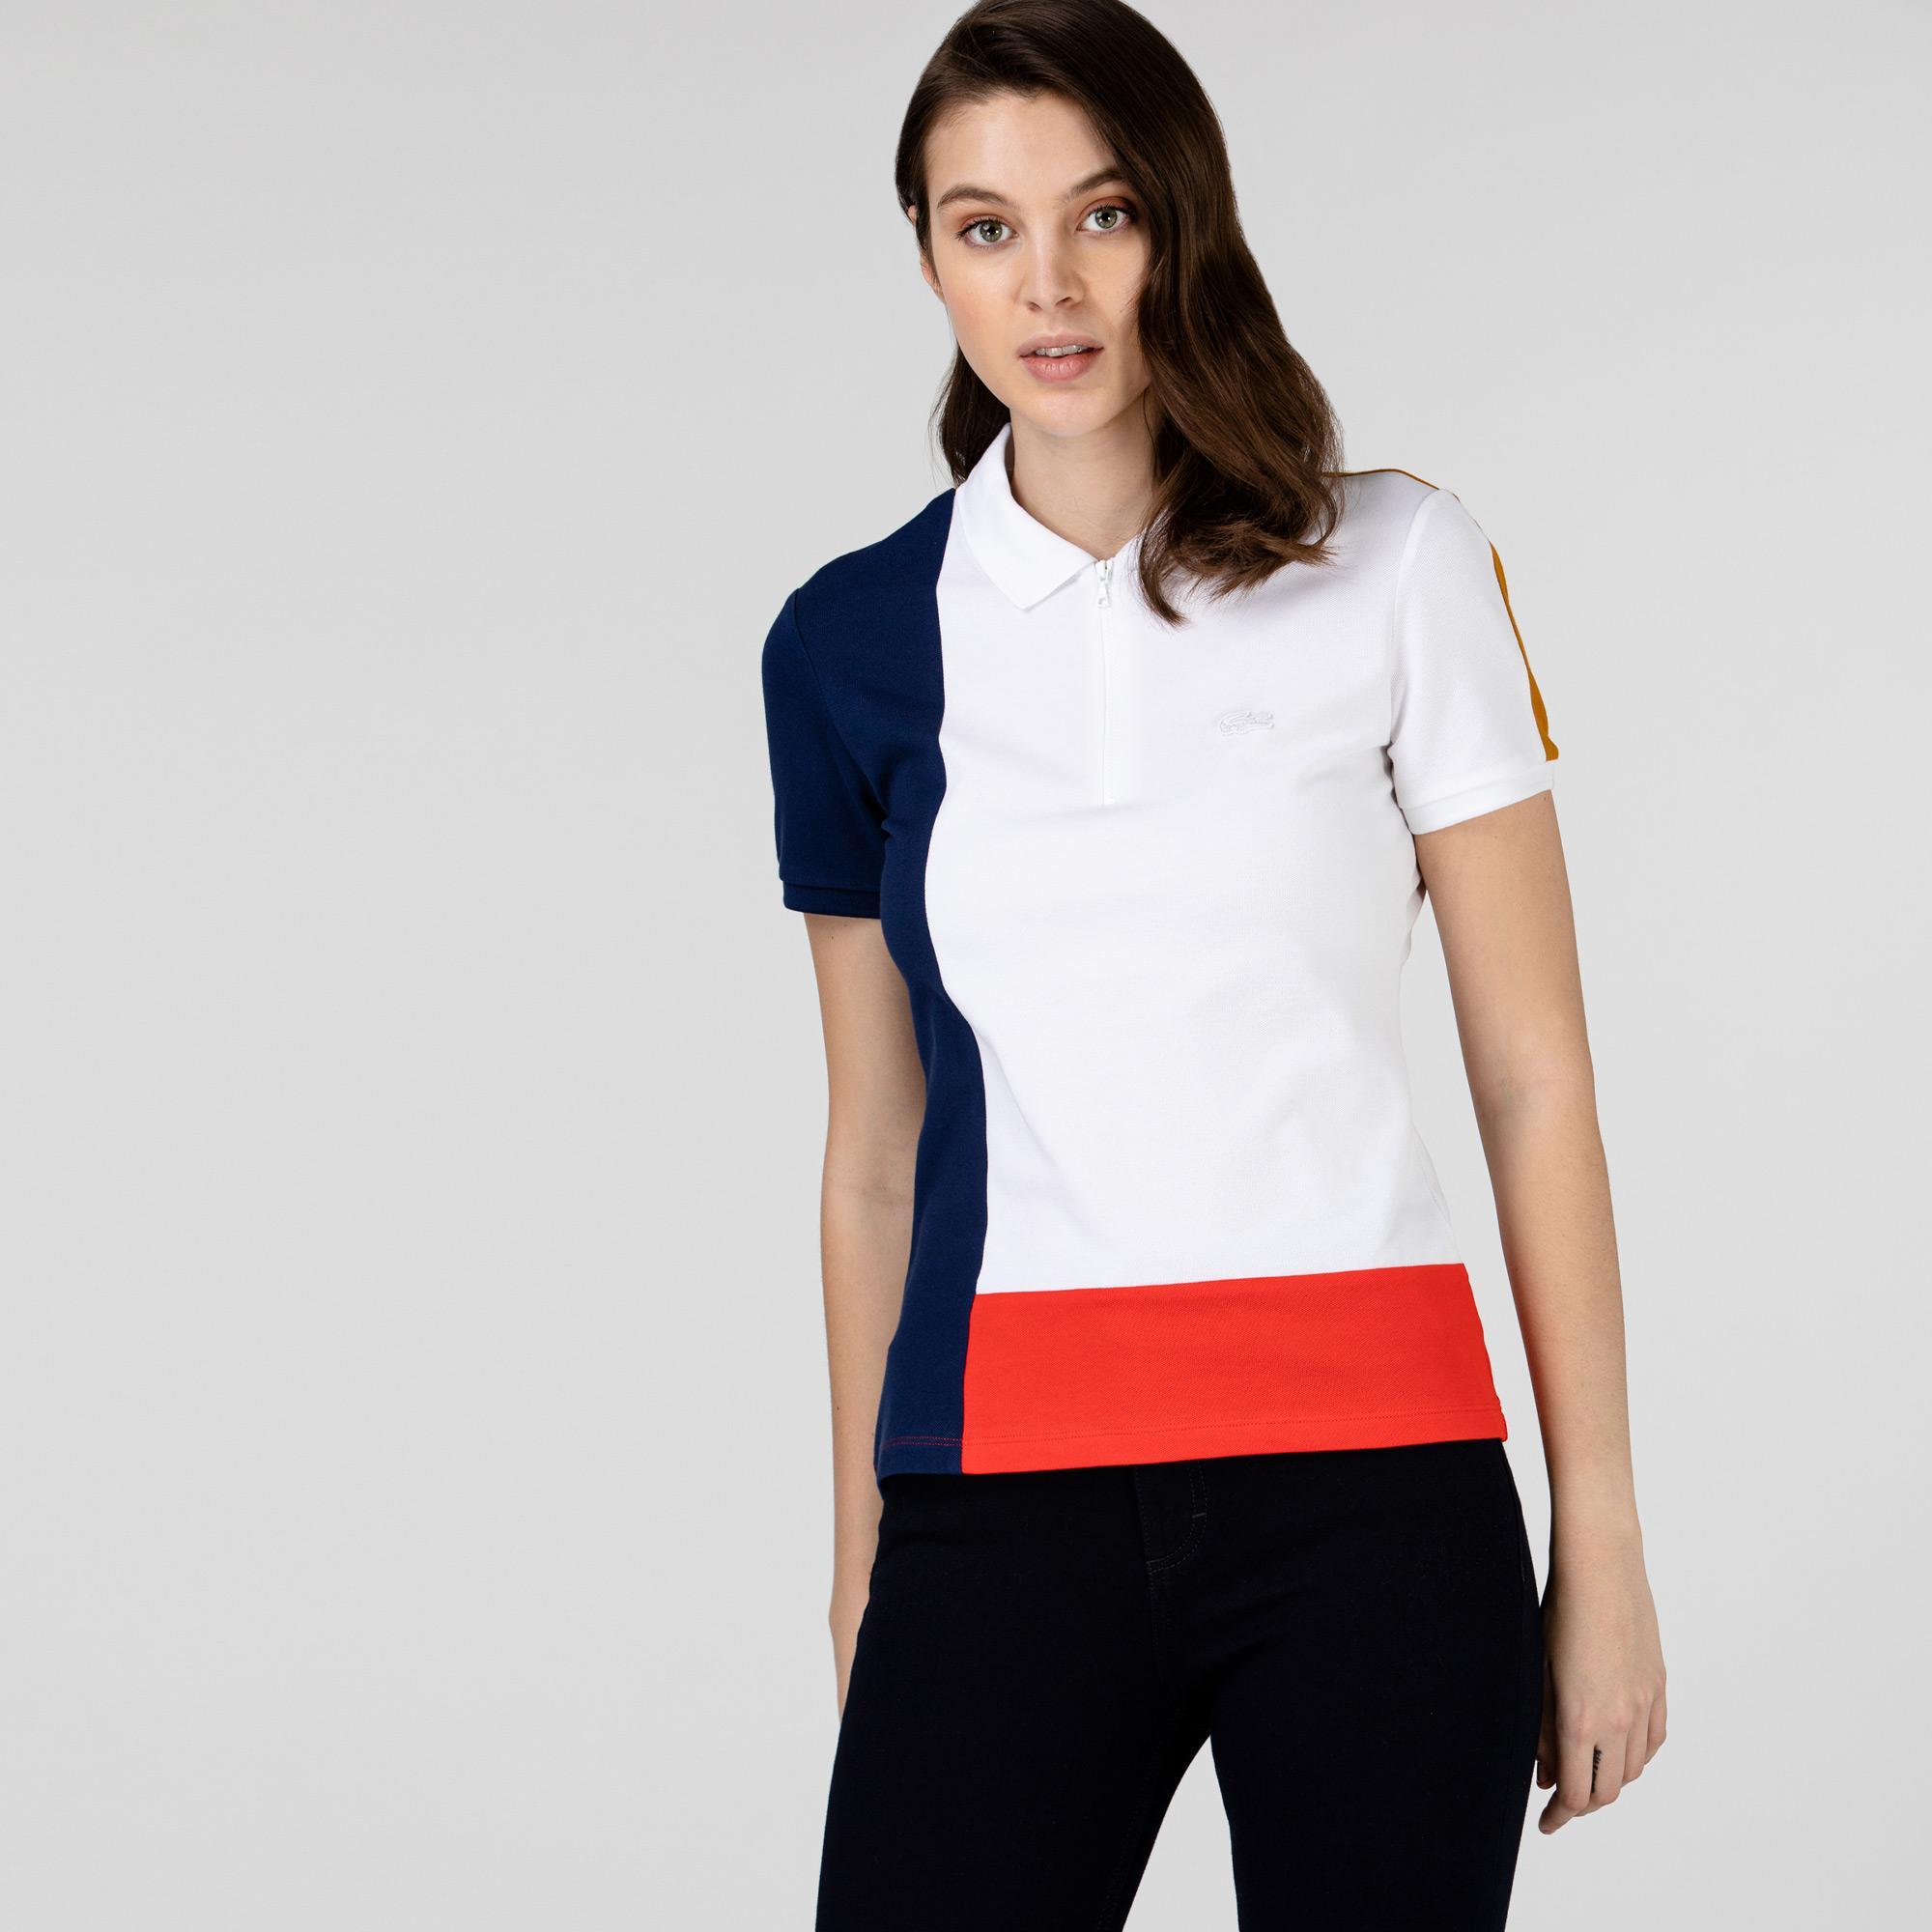 Lacoste Kadın Fermuarlı Yaka Renk Bloklu Renkli Polo